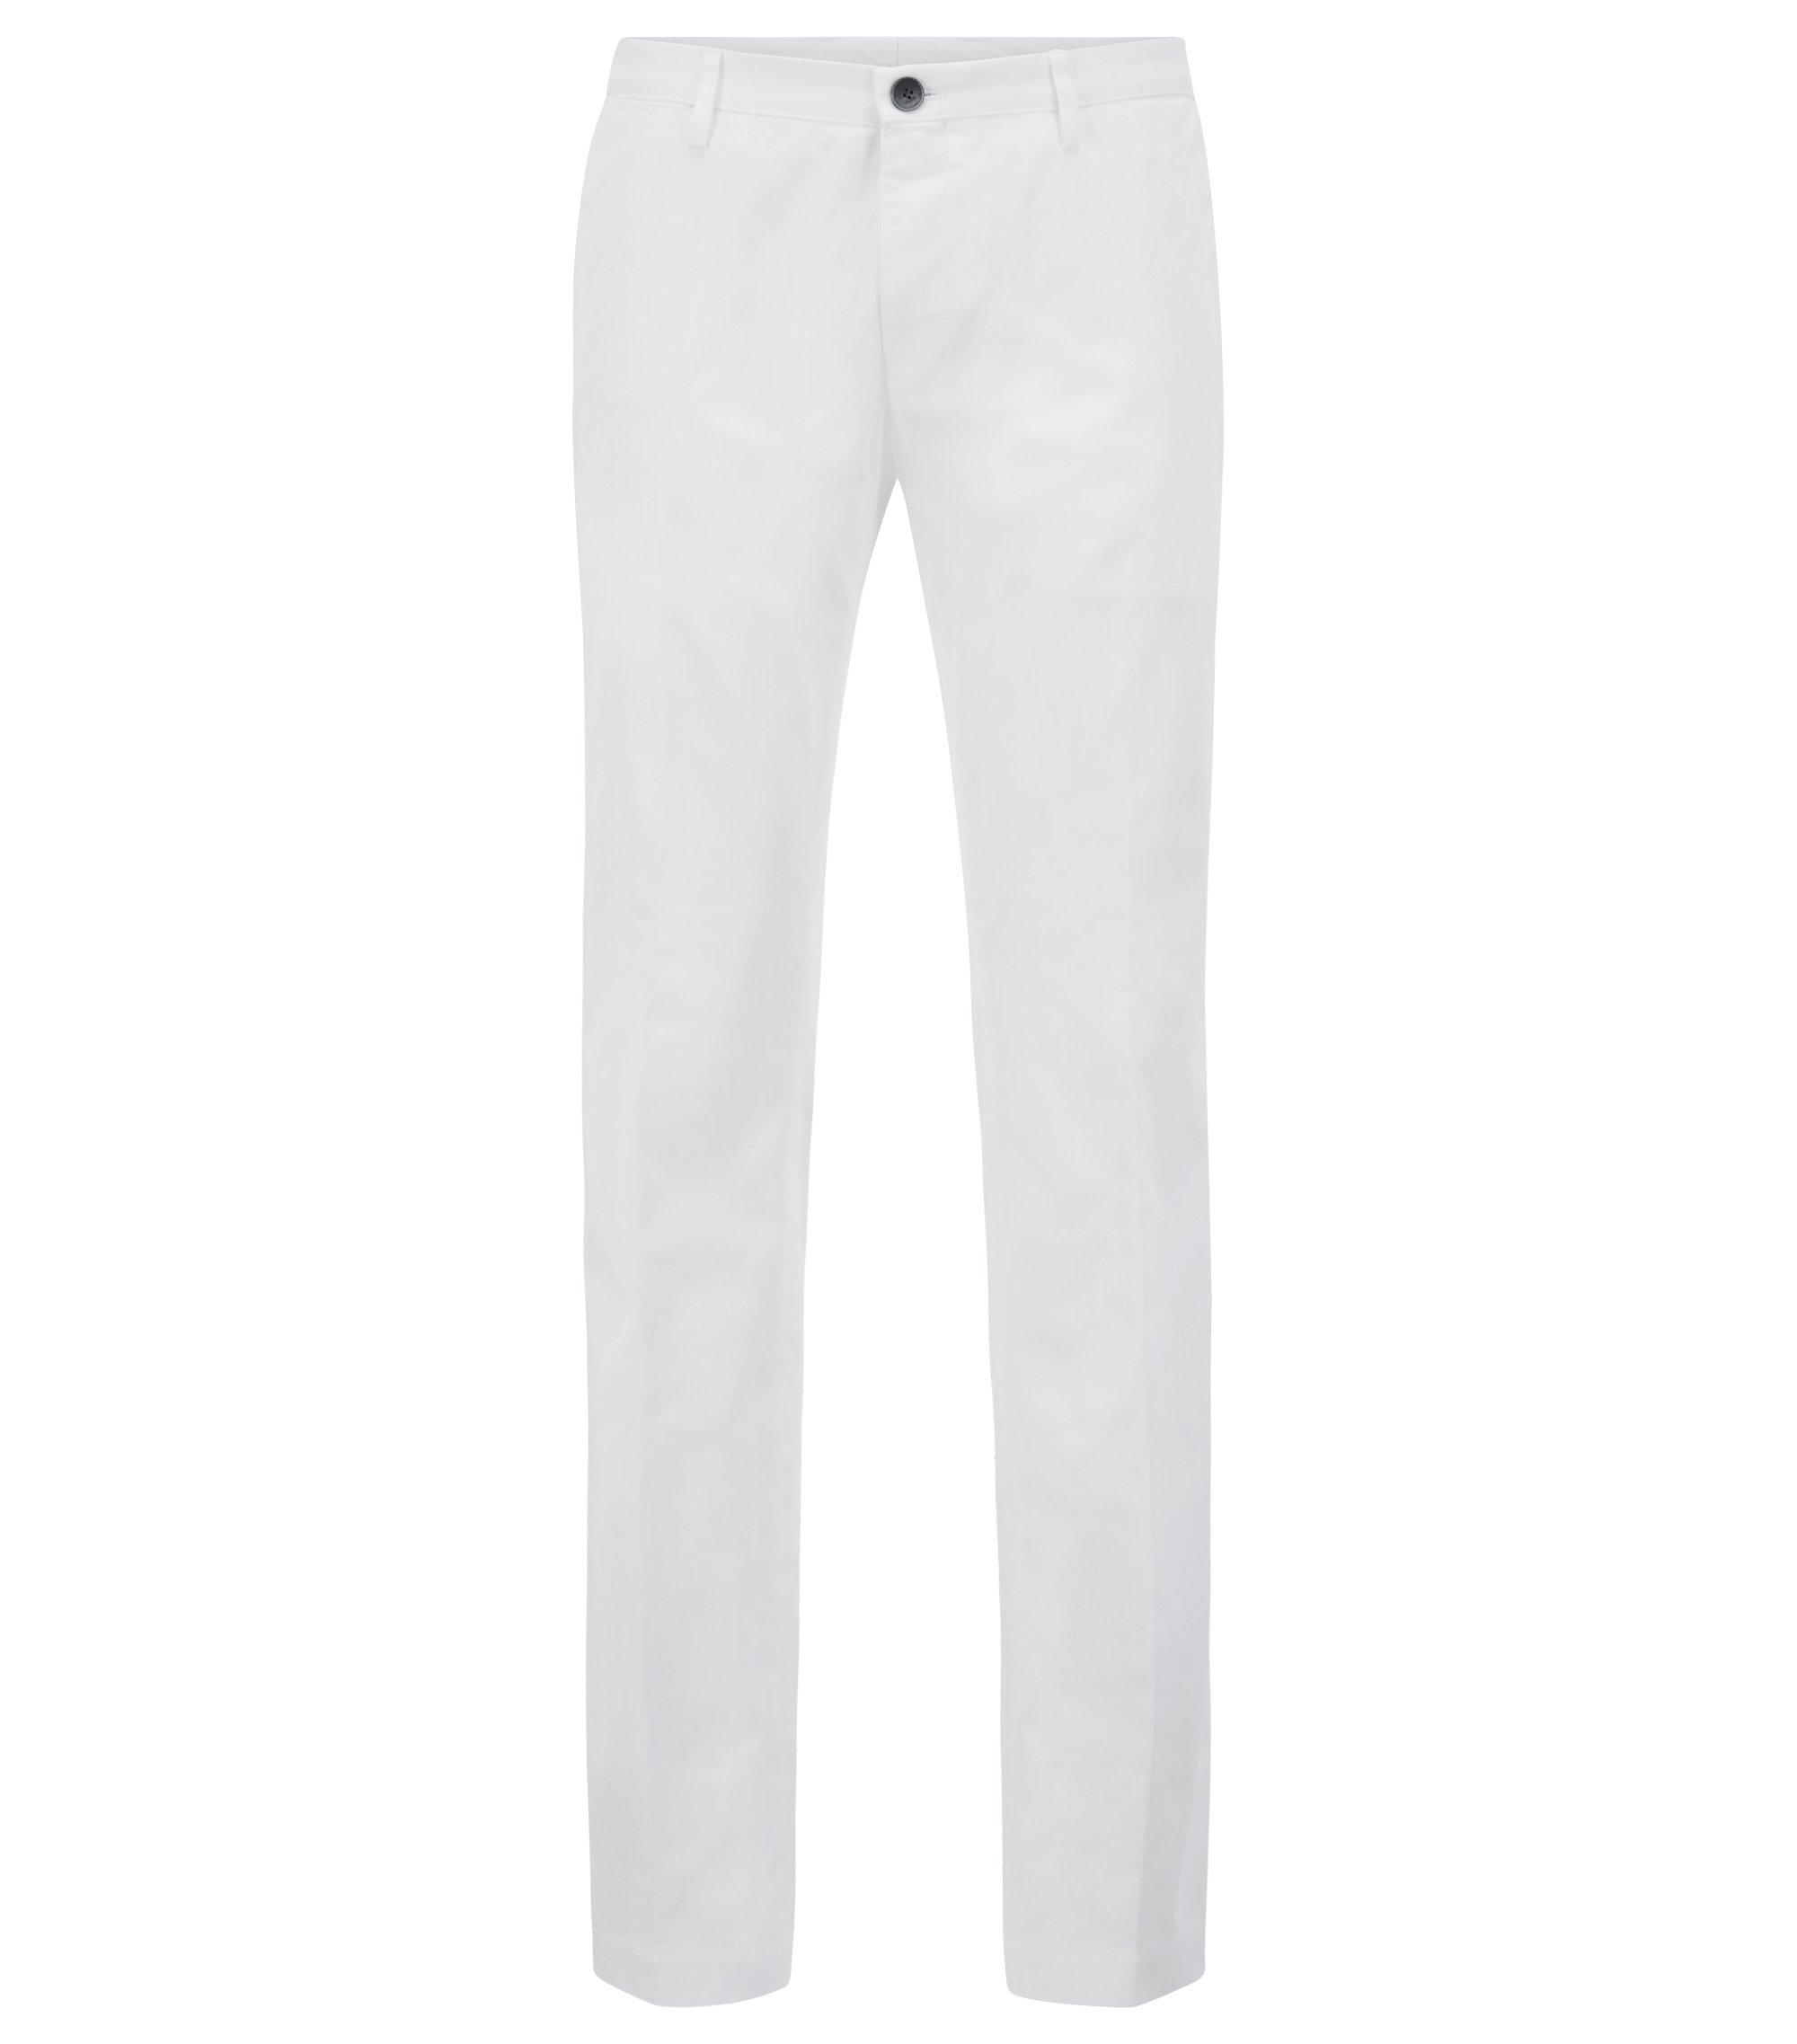 Slim-Fit Hose aus Stretch-Baumwolle mit Paspeln innen, Weiß